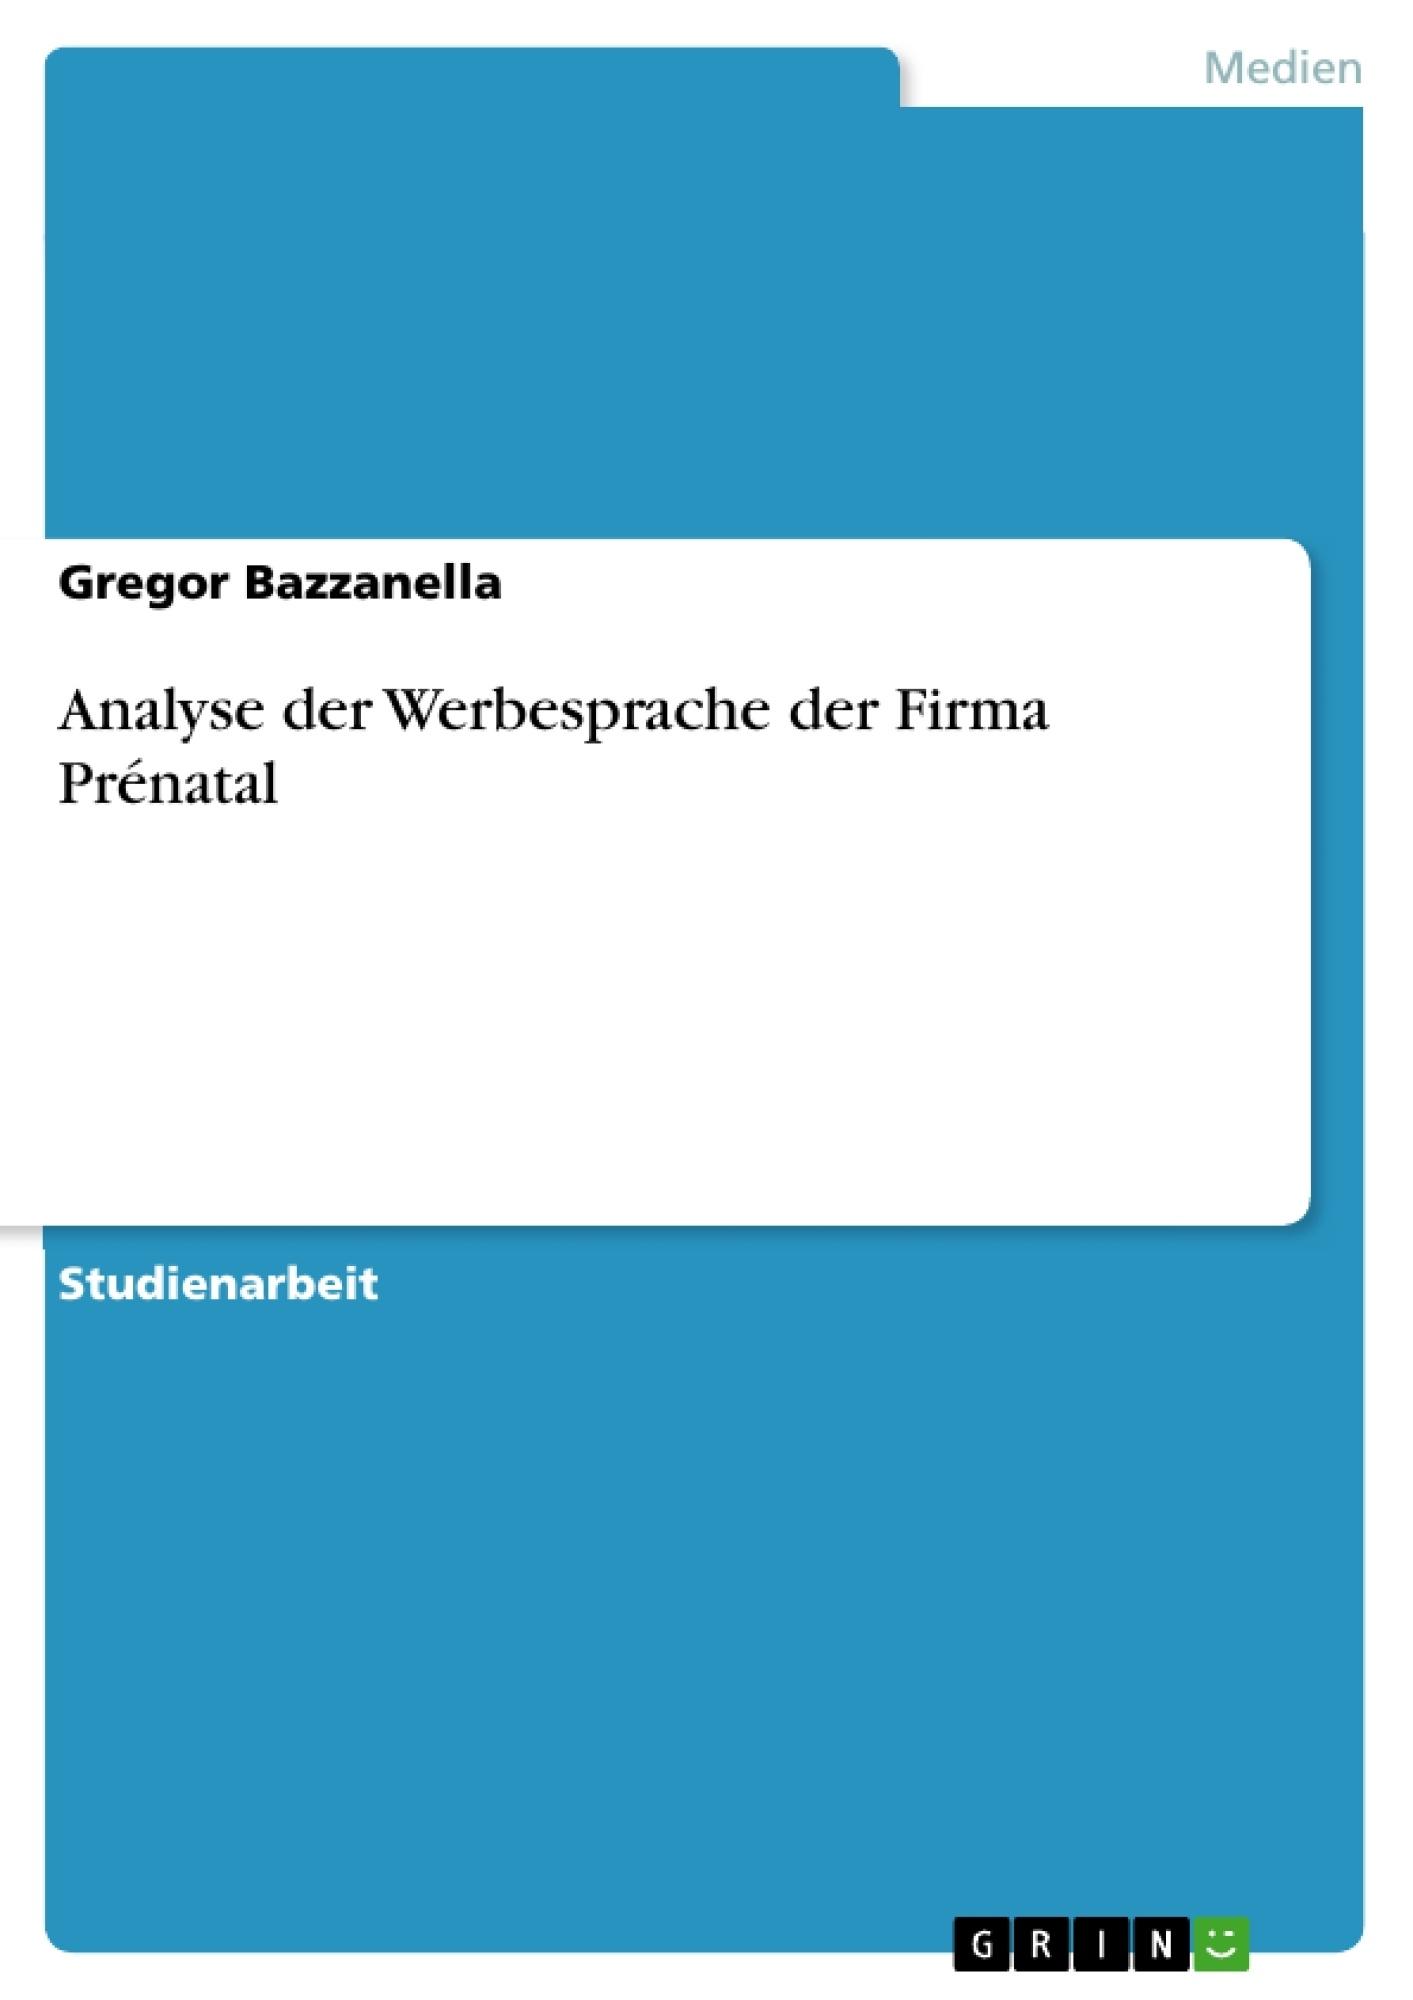 Titel: Analyse der Werbesprache der Firma Prénatal